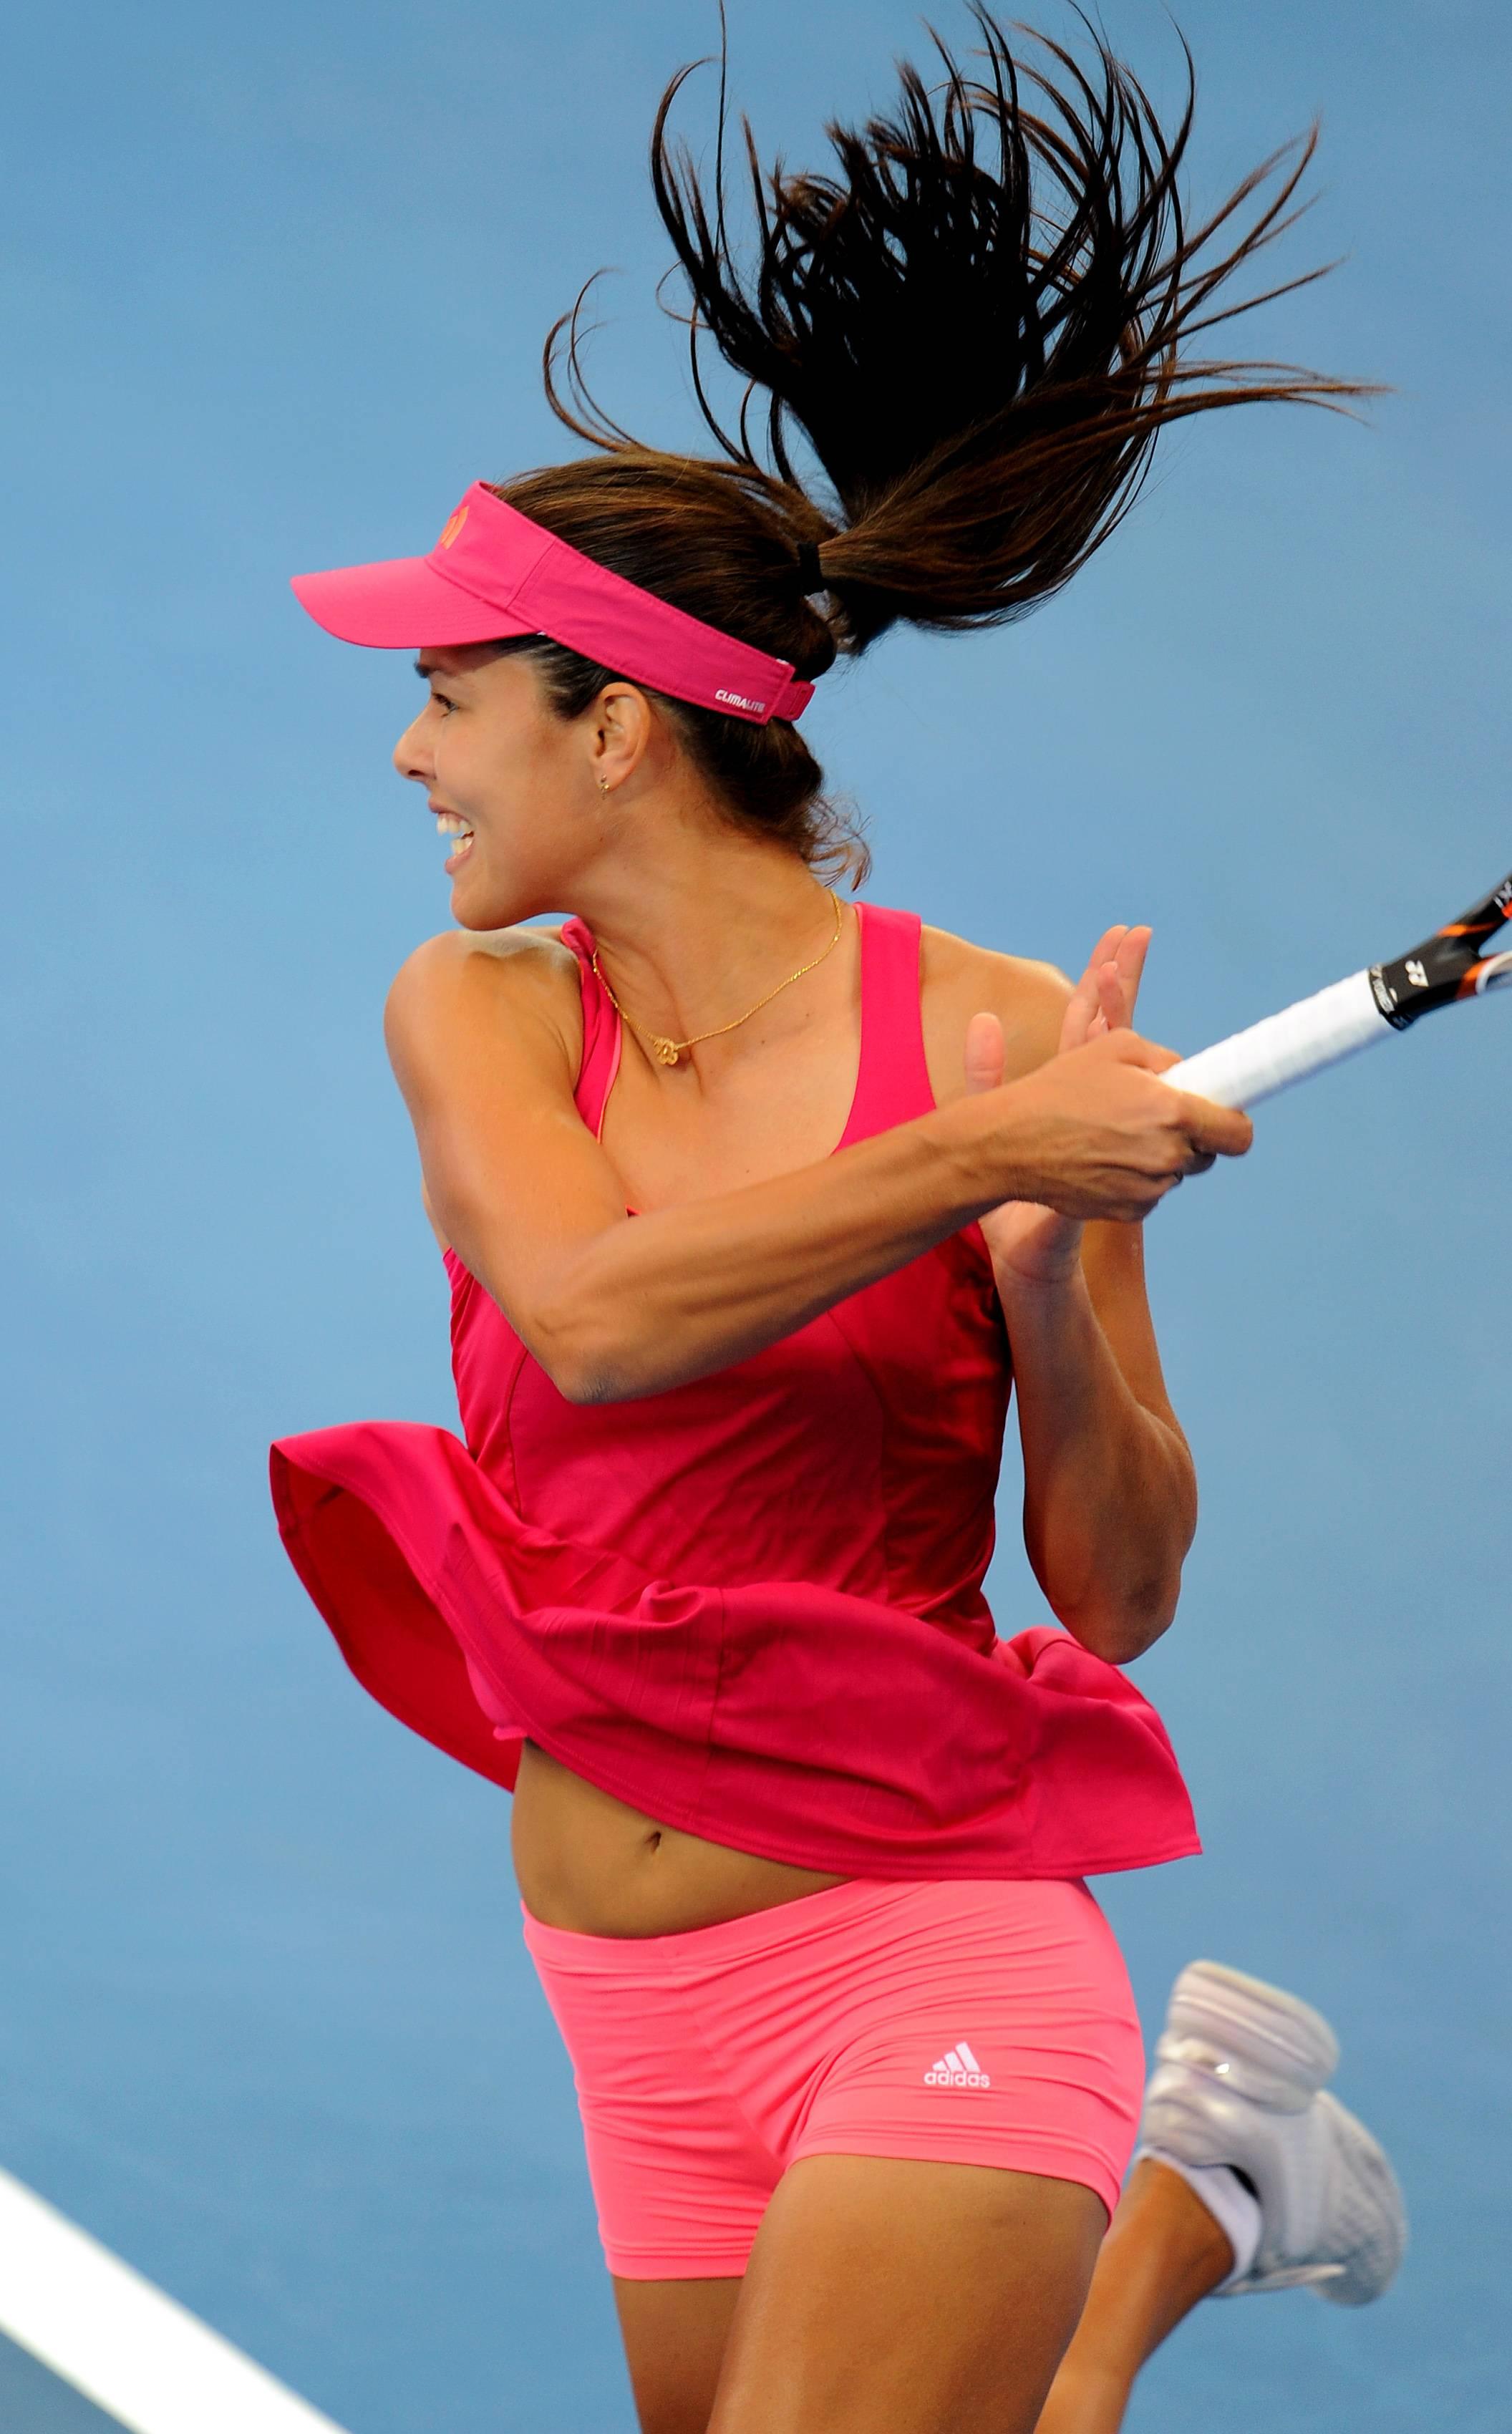 Ivanovic tennis hot players ana